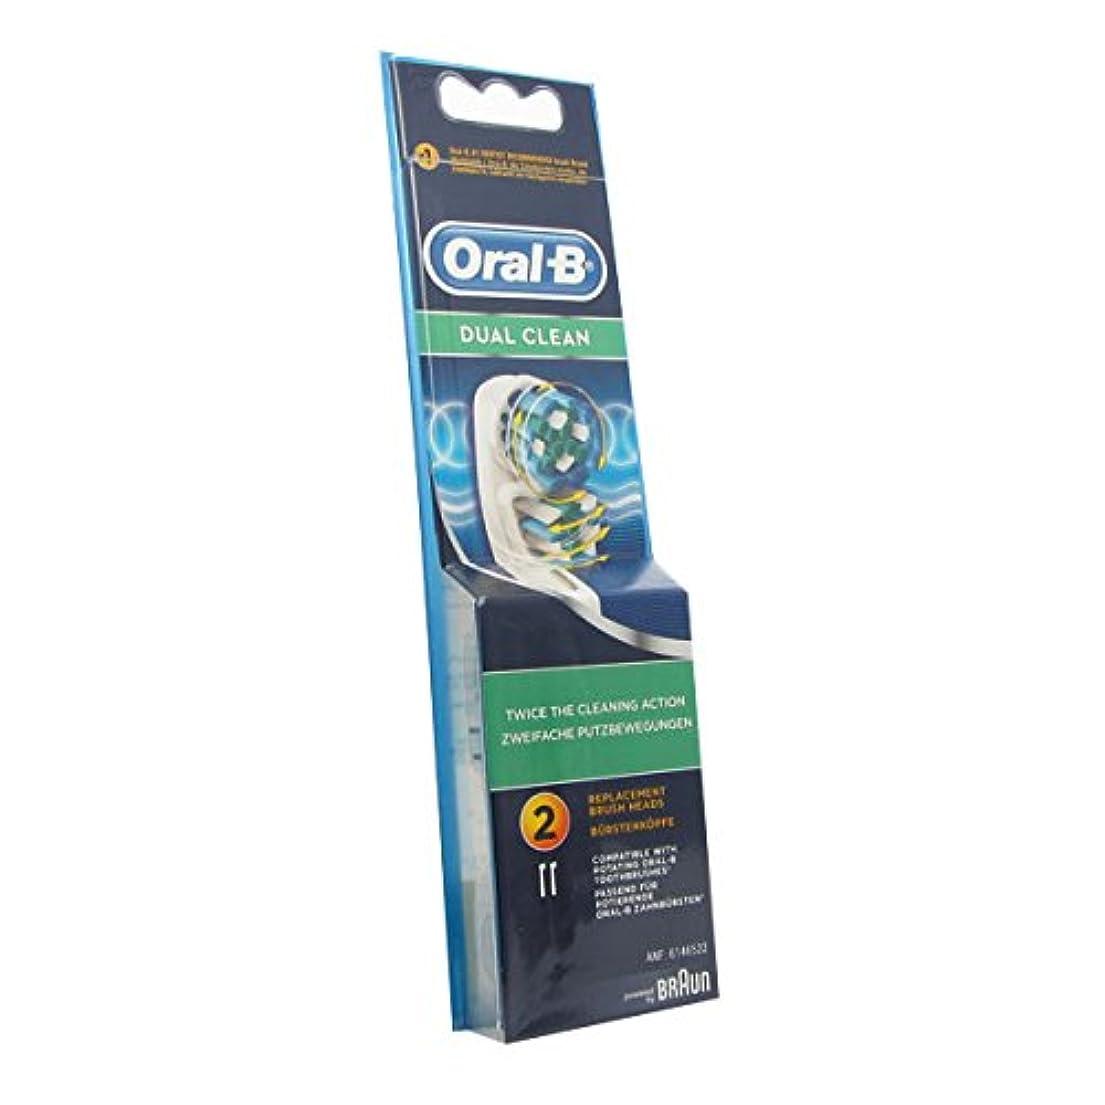 余計なスプレー批判Oral B Dual Clean Replacement Brush X2 [並行輸入品]